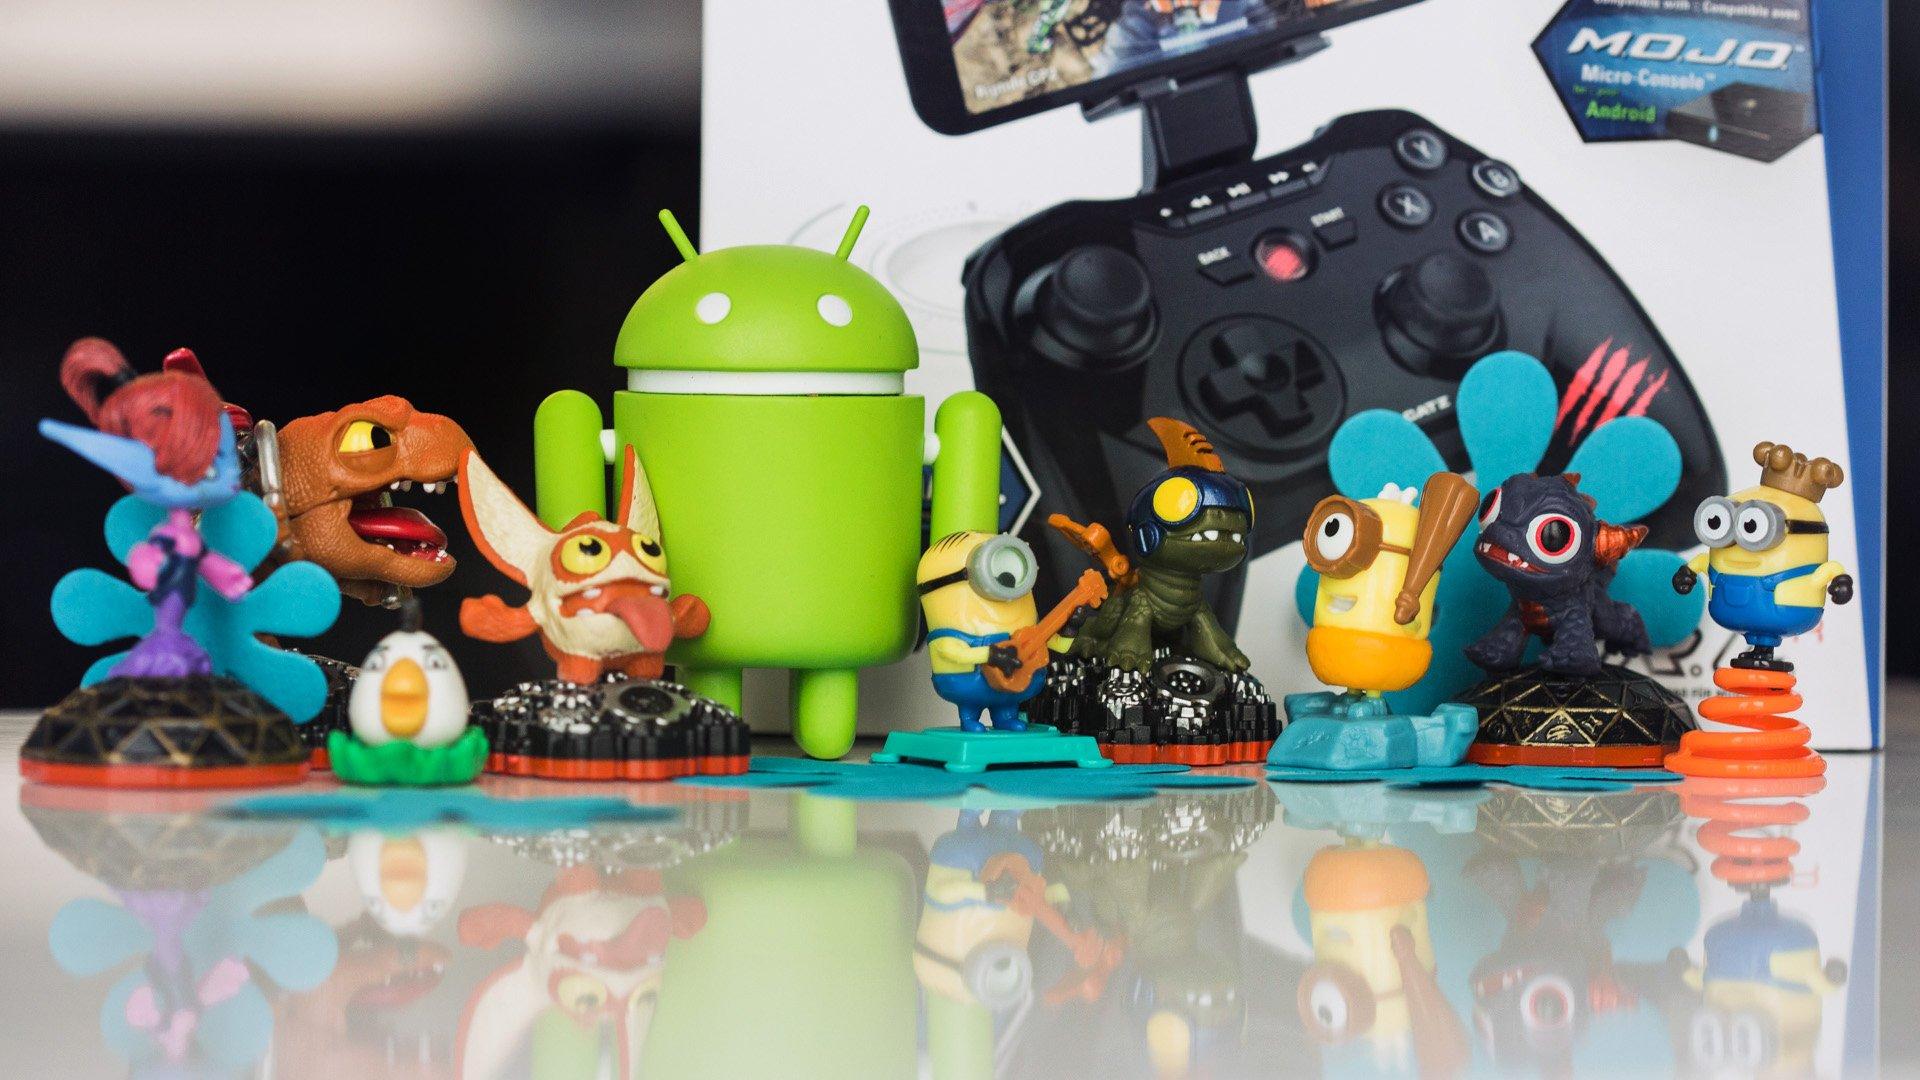 Juegos Android 1